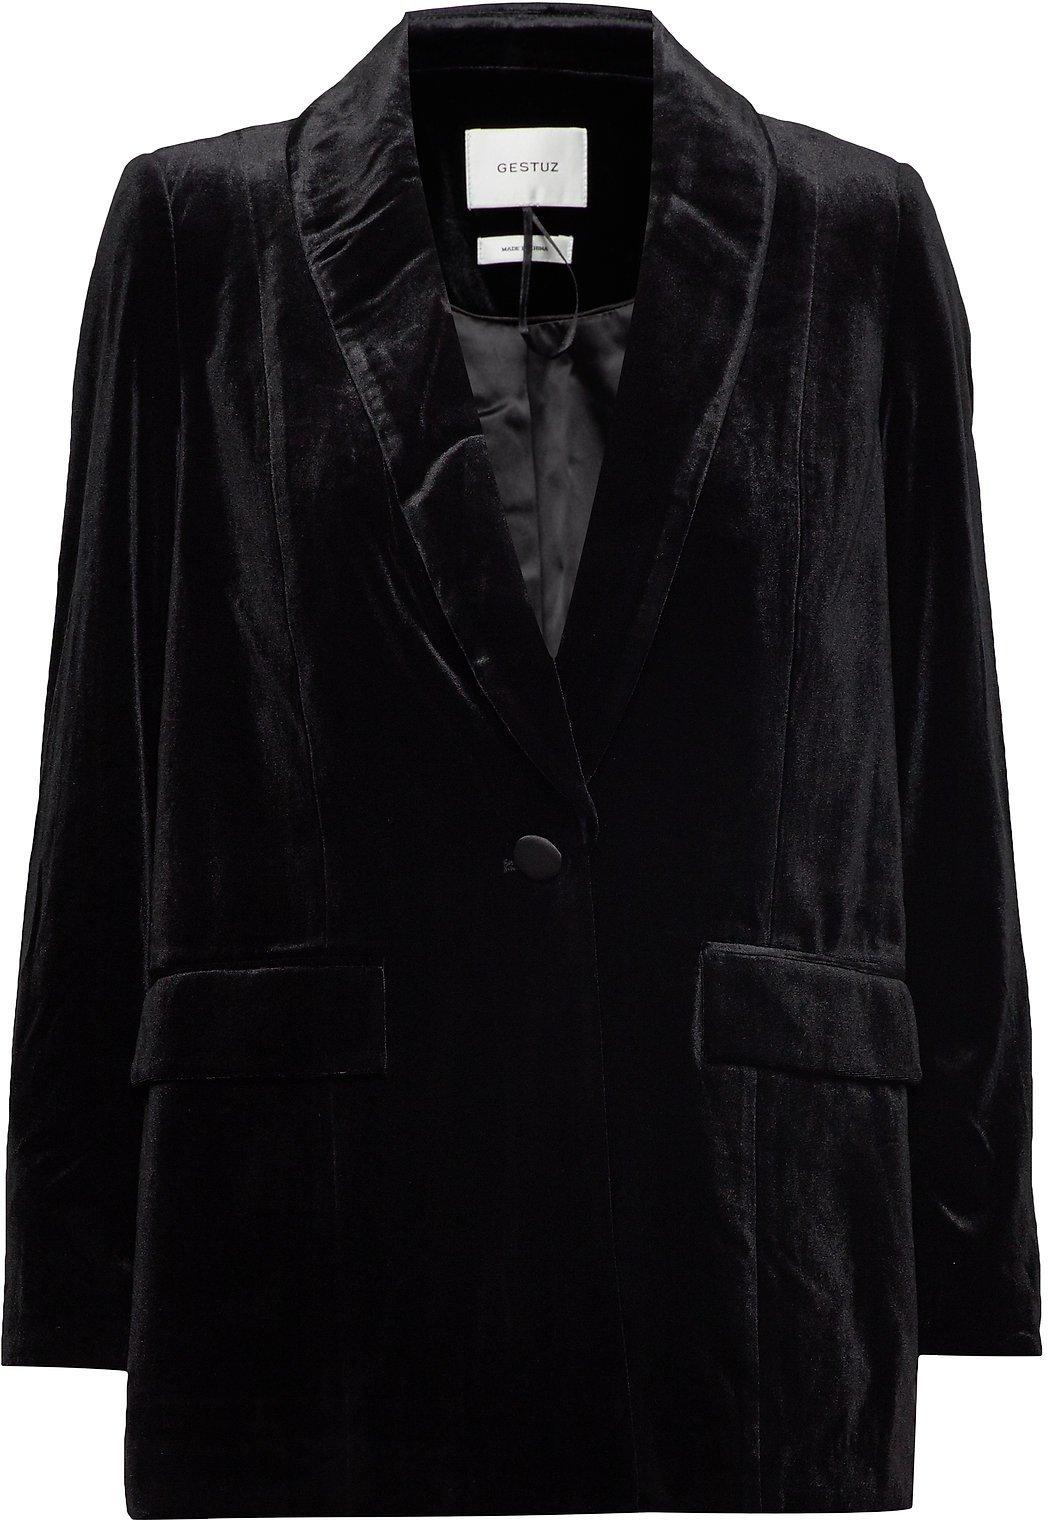 Black Adaliz  Gestuz  Blazer - Dameklær er billig